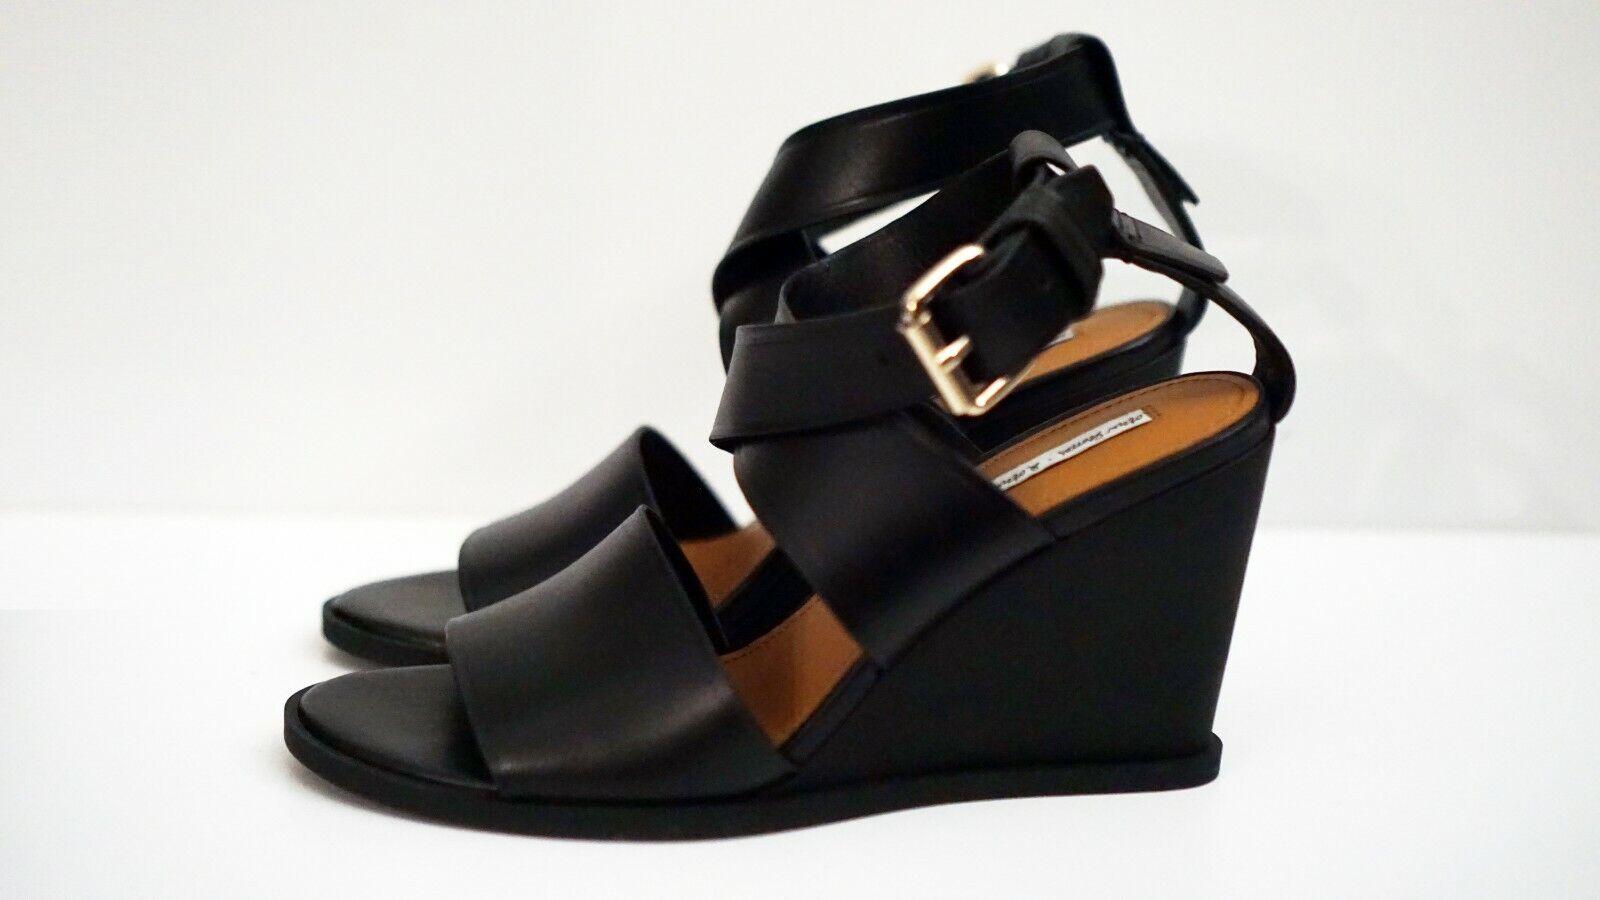 & OTHER STORIES en cuir noir compensé sandale 8